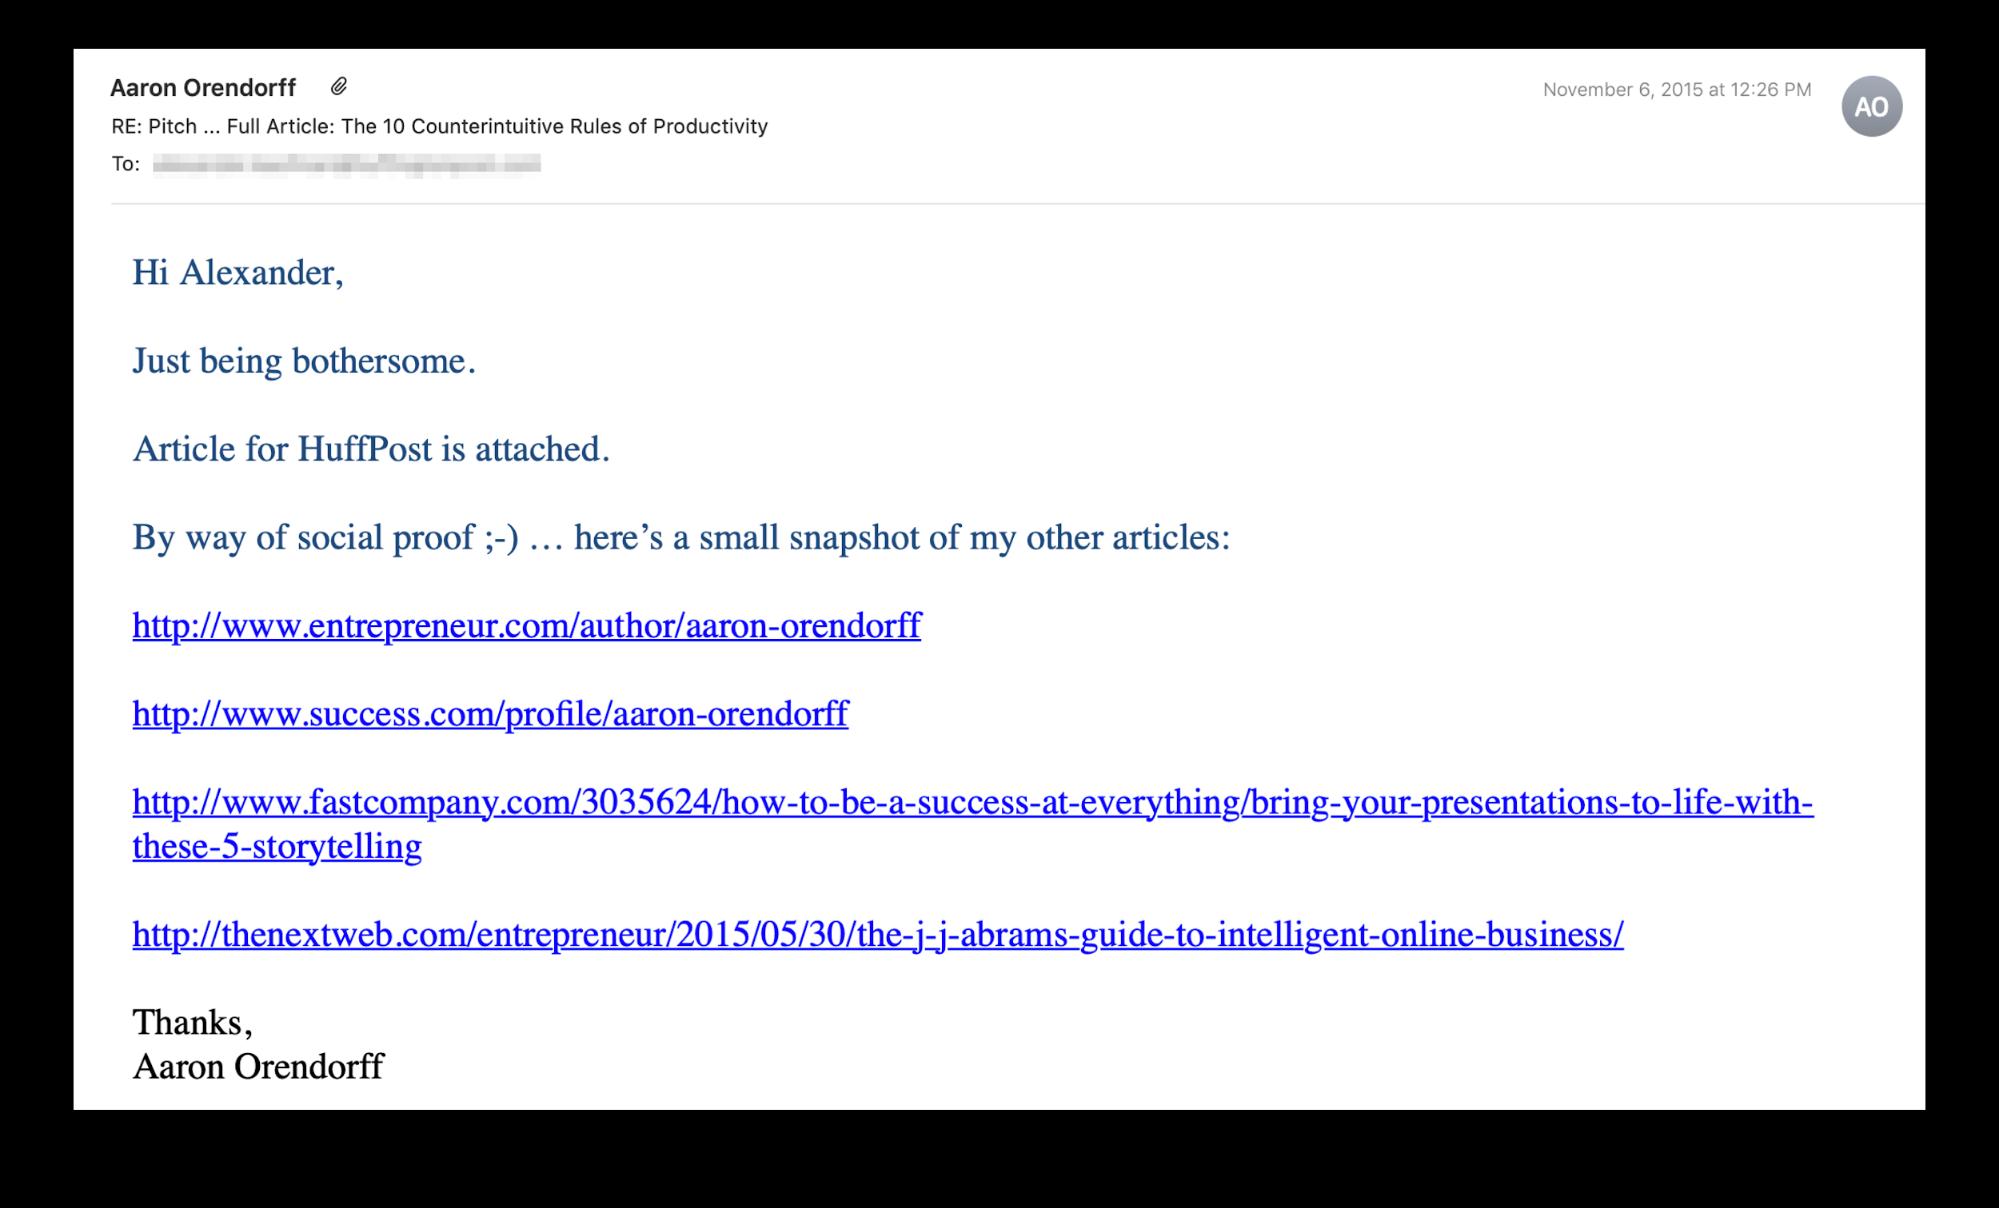 """Email del pitch di invio degli ospiti inviata a un editor presso l'Huffington Post """"class ="""" wp-image-24670 """"srcset ="""" https://megamarketing.it/wp-content/uploads/2019/11/Come-sfondare-come-guest-blogger-anche-se-non-sei-uno-scrittore.png 1999w, https://copyhackers.com/wp-content/uploads/2019/11/email-example-aaron2-150x91.png 150w, https://copyhackers.com/wp-content/uploads/2019/11/email -example-aaron2-300x181.png 300w, https://copyhackers.com/wp-content/uploads/2019/11/email-example-aaron2-768x464.png 768w, https://copyhackers.com/wp-content /uploads/2019/11/email-example-aaron2-800x483.png 800w, https://copyhackers.com/wp-content/uploads/2019/11/email-example-aaron2-990x598.png 990w, https: / /copyhackers.com/wp-content/uploads/2019/11/email-example-aaron2-1320x798.png 1320w """"dimensioni ="""" (larghezza massima: 1999px) 100vw, 1999px"""